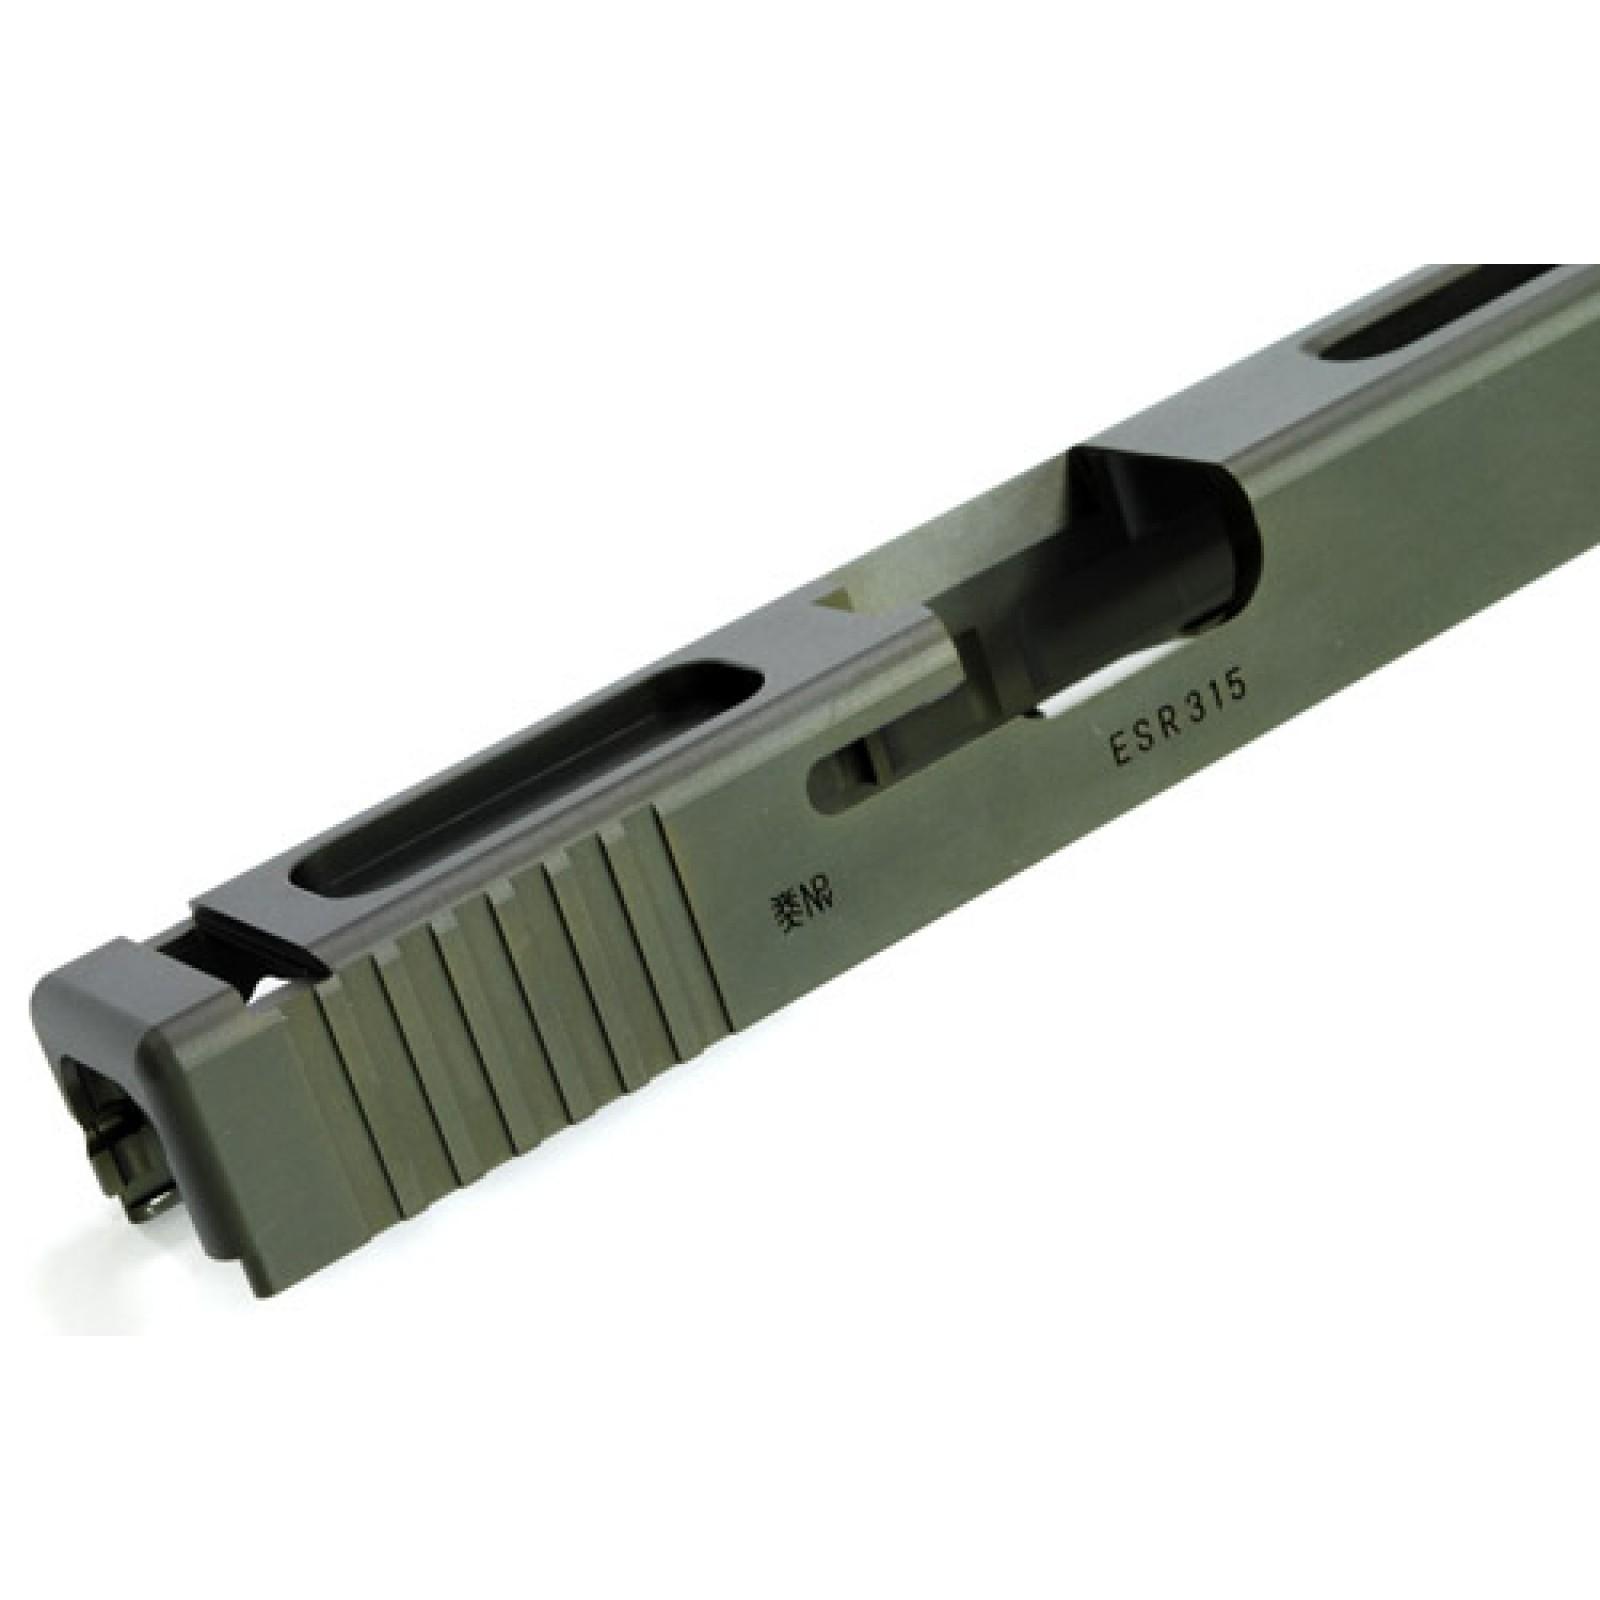 7075 Aluminum CNC Slide for TM GLOCK-18C (OD)